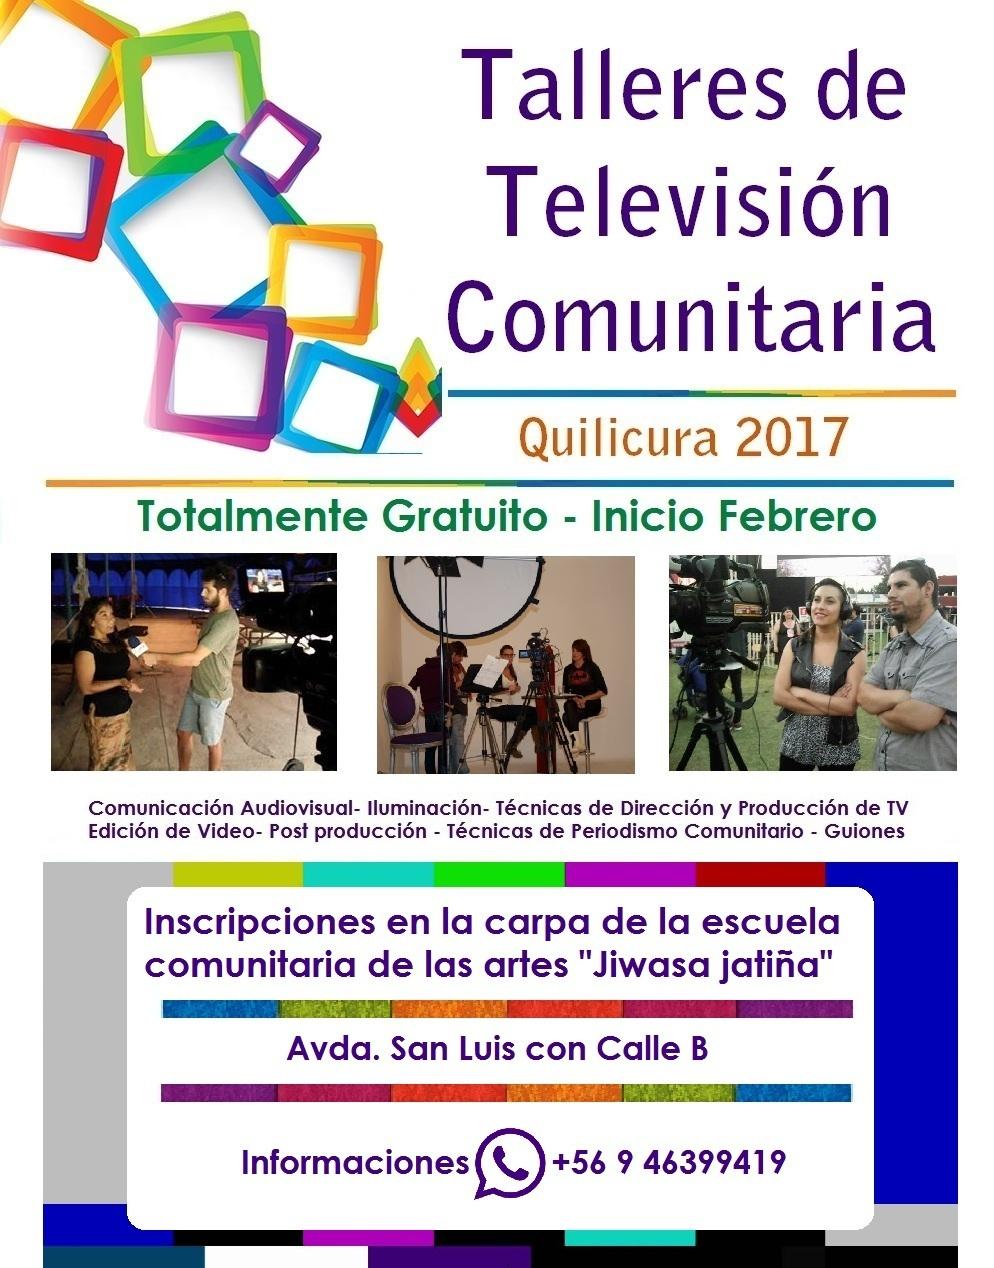 TALLERES DE TELEVISION COMUNITARIA 2017